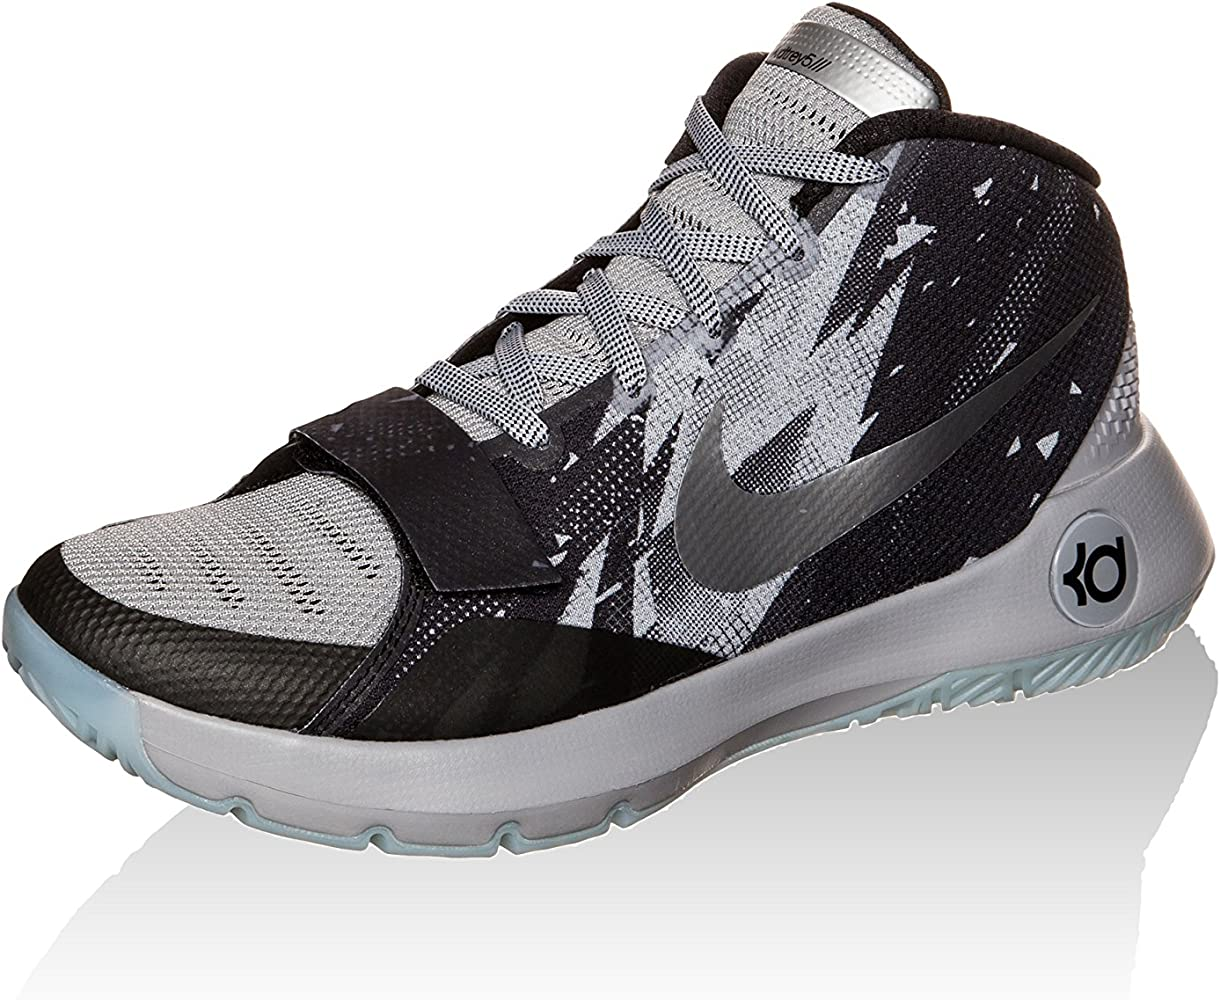 Nike KD Trey 5 III PRM, Zapatillas de Baloncesto para Hombre ...